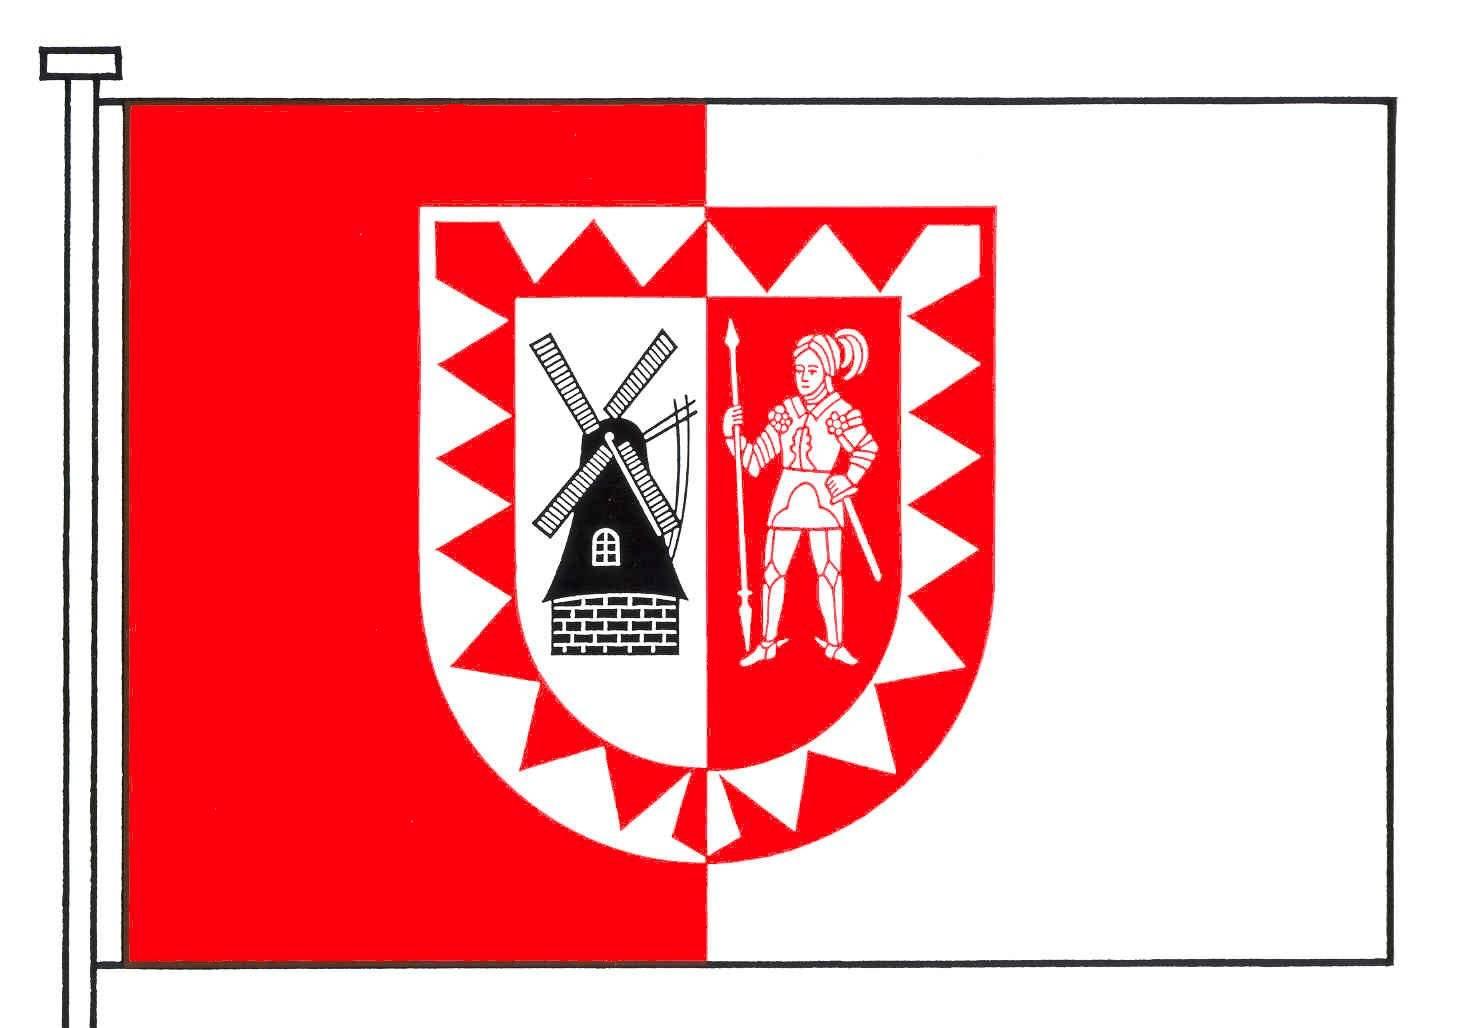 Flagge StadtBarmstedt, Kreis Pinneberg